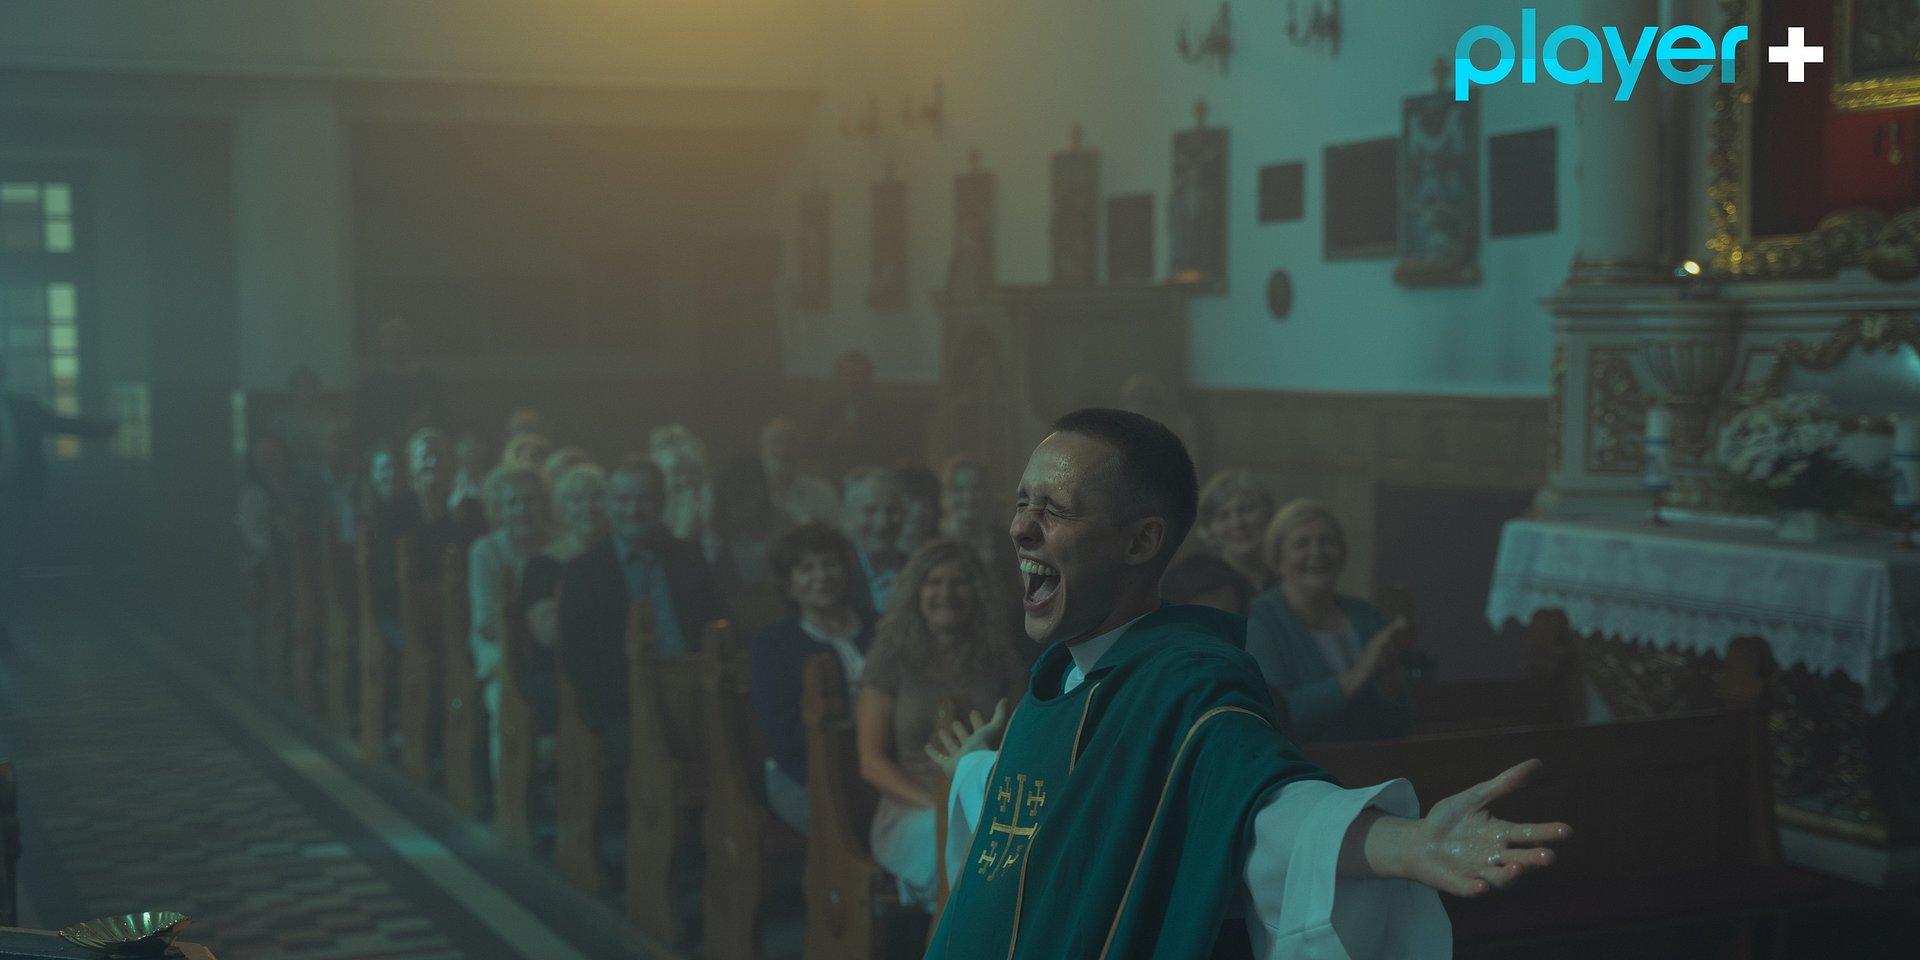 """Luty w Playerze: polski kandydat do Oscara """"Boże ciało"""" oraz wielki wygrany konkursu – """"Parasite""""!"""